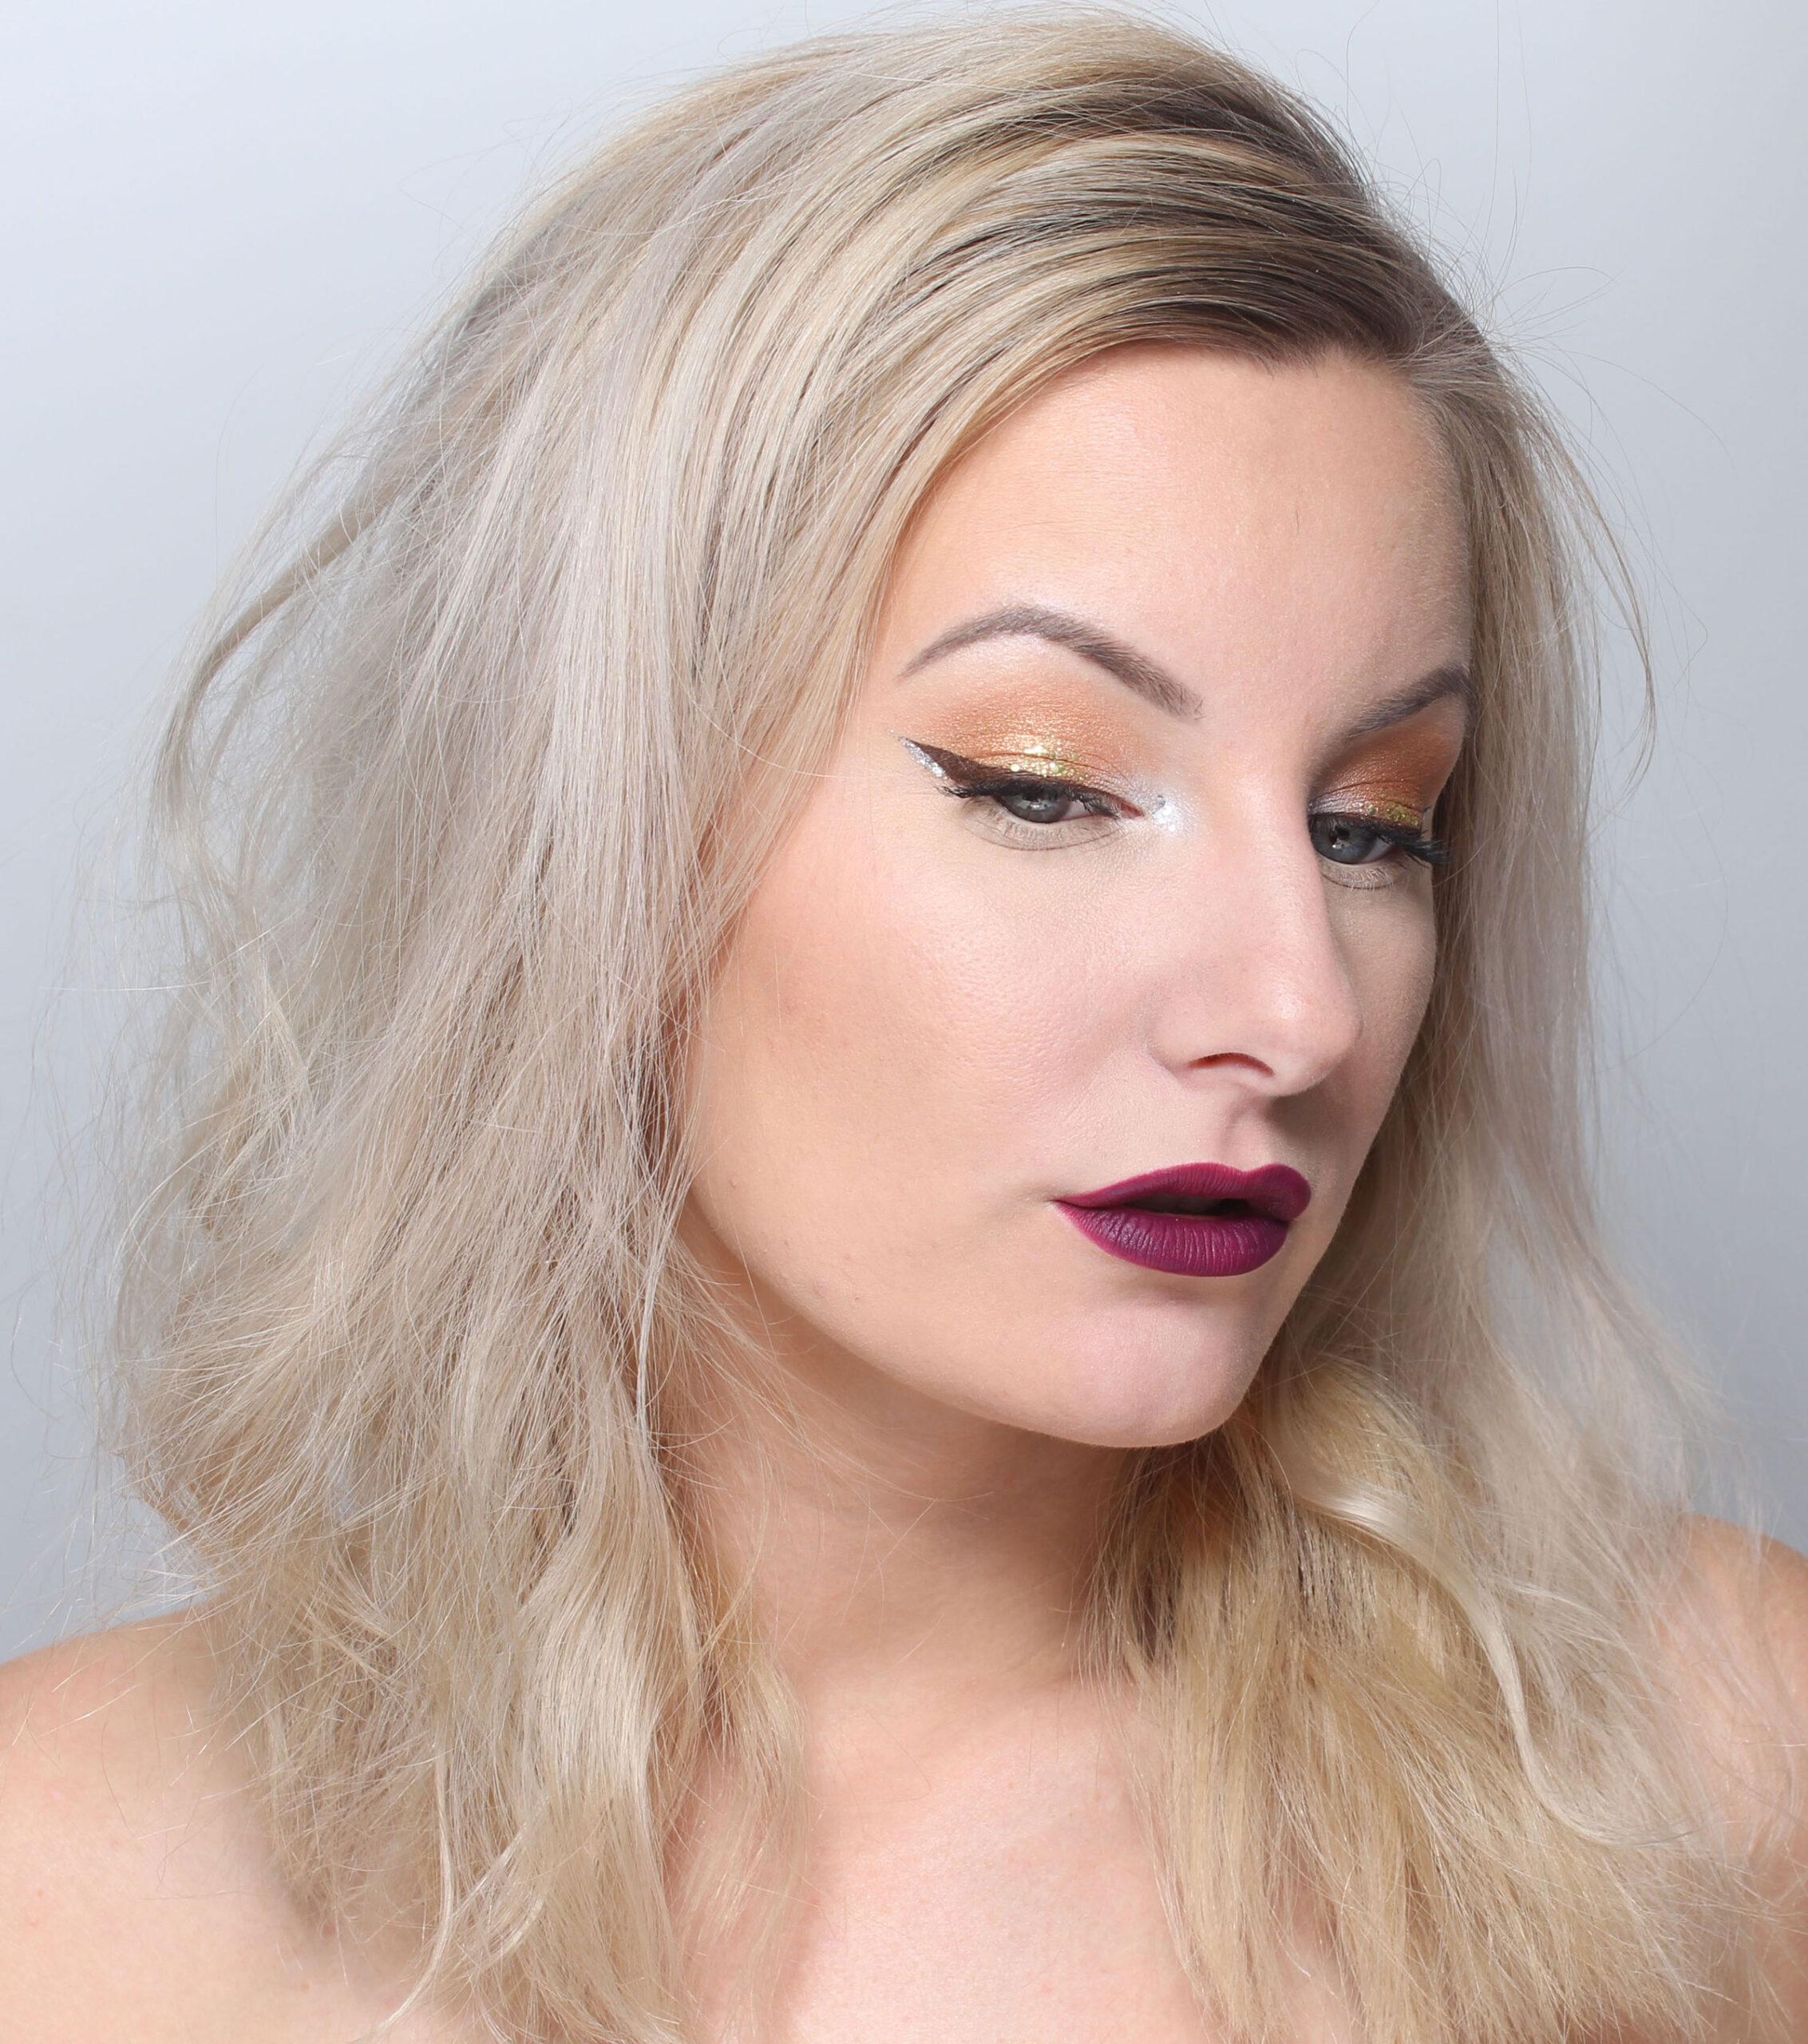 Gold   Silver makeup  c66c948c4a956